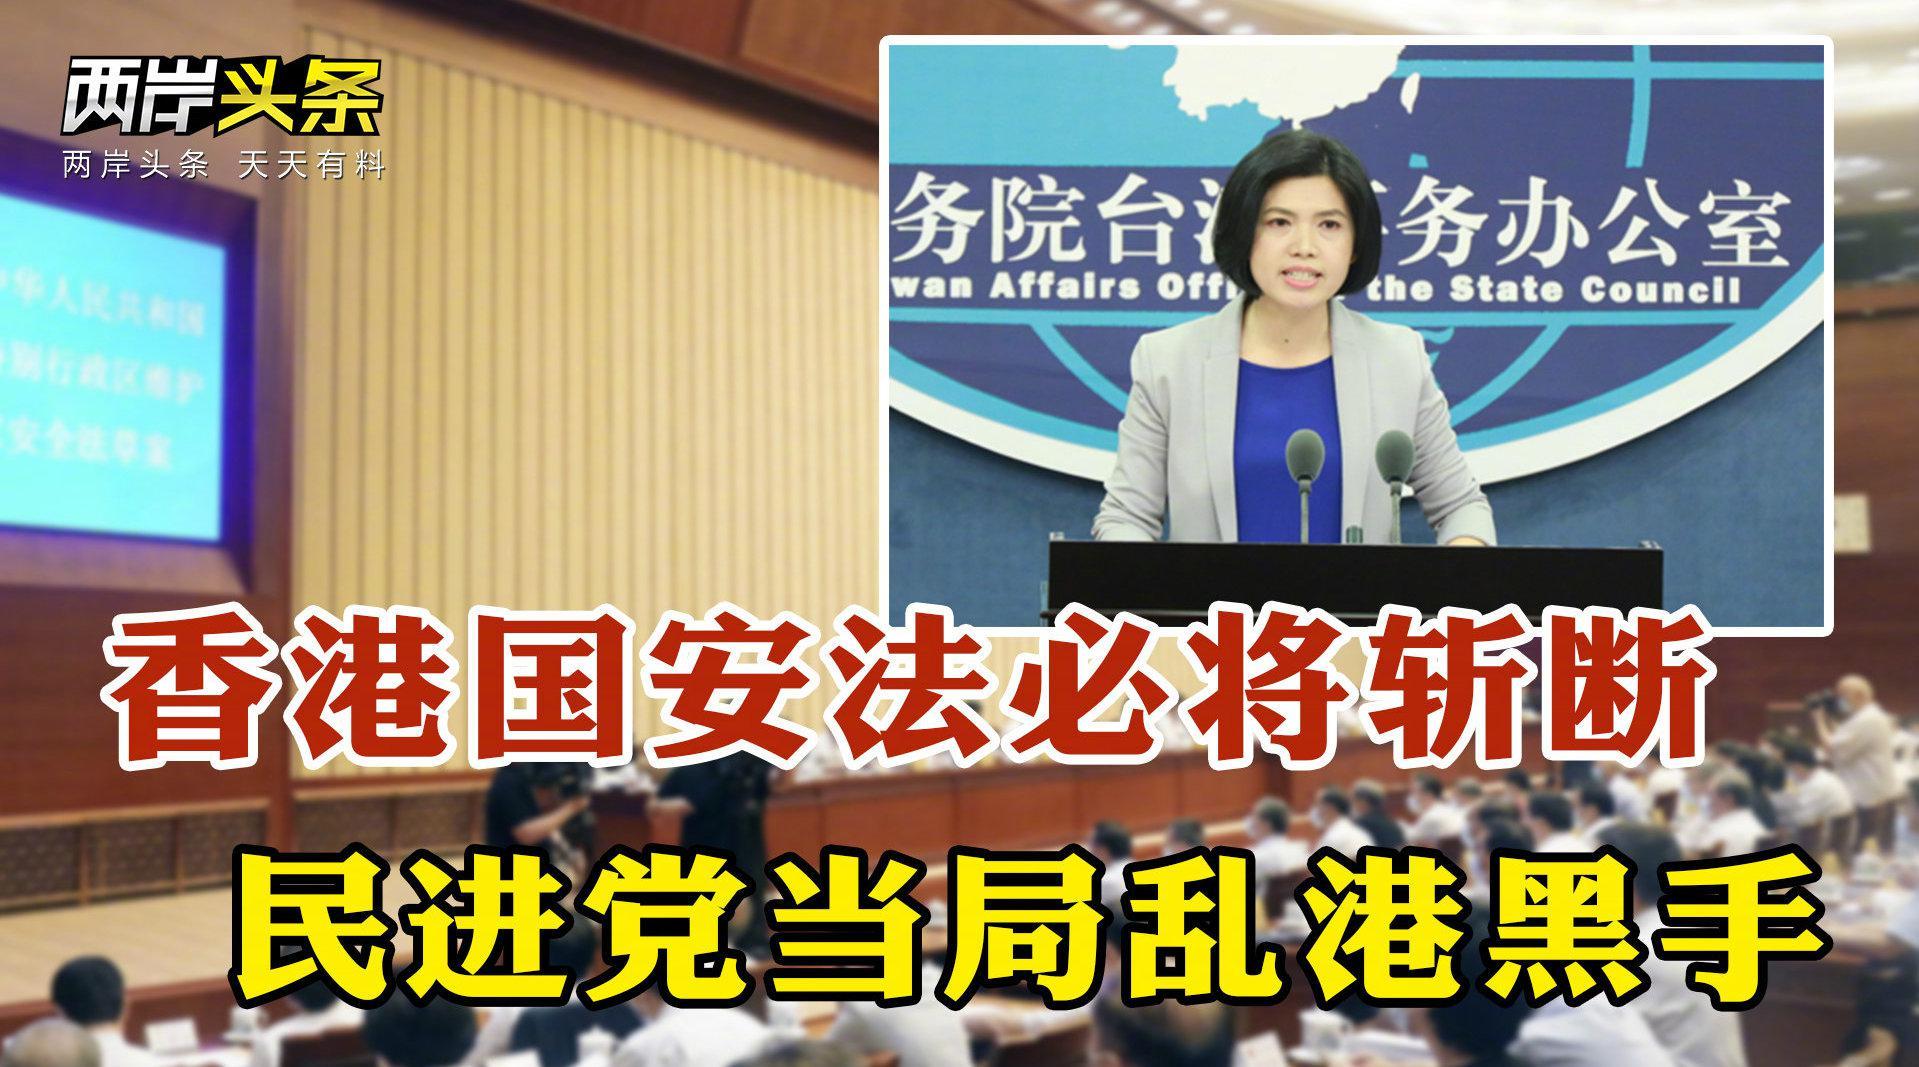 民进党攻击香港国安法国台办发声 欧盟解封未含台湾 岛内迎5G时代